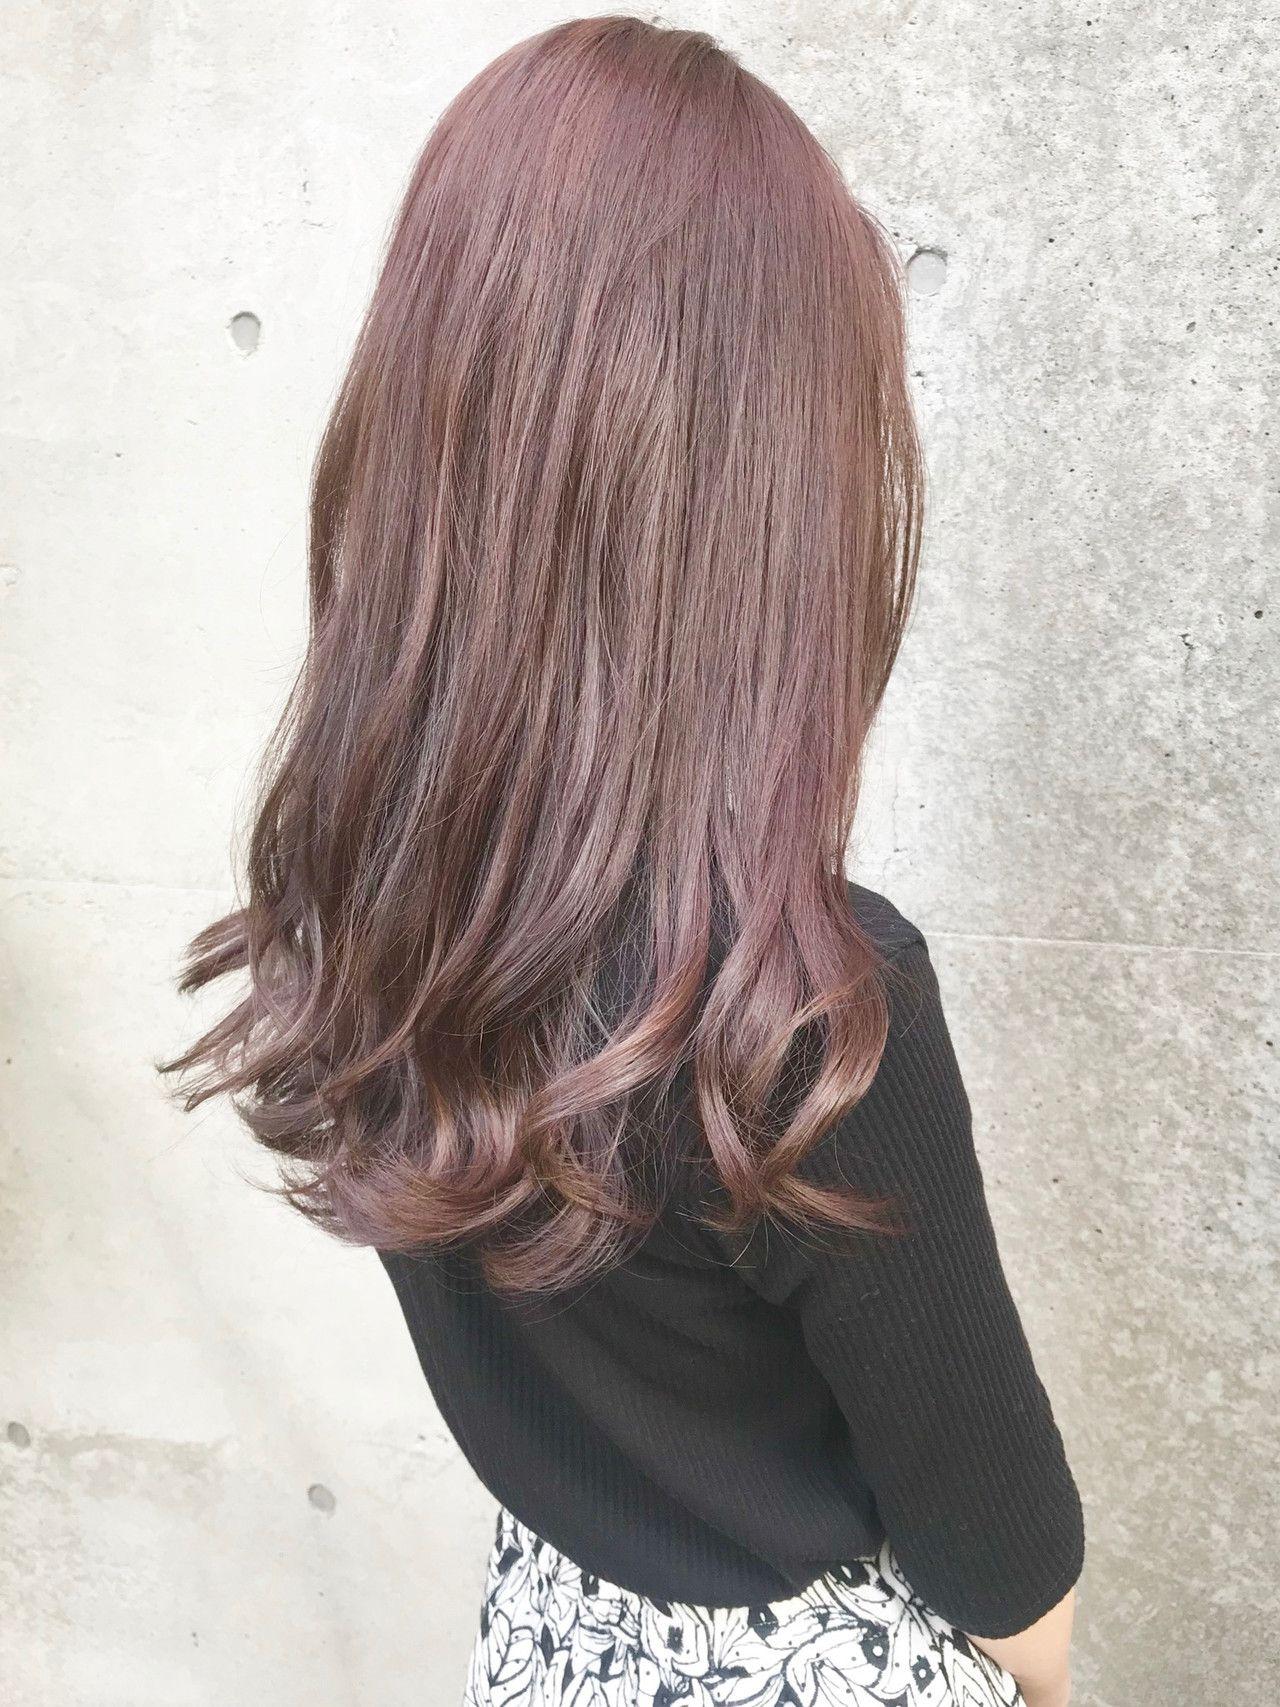 髪 ピンク 色 ベージュ 髪色選びに迷ったら、ヘアカラー診断で似合う色を見つけよう!旬のおすすめカラーも